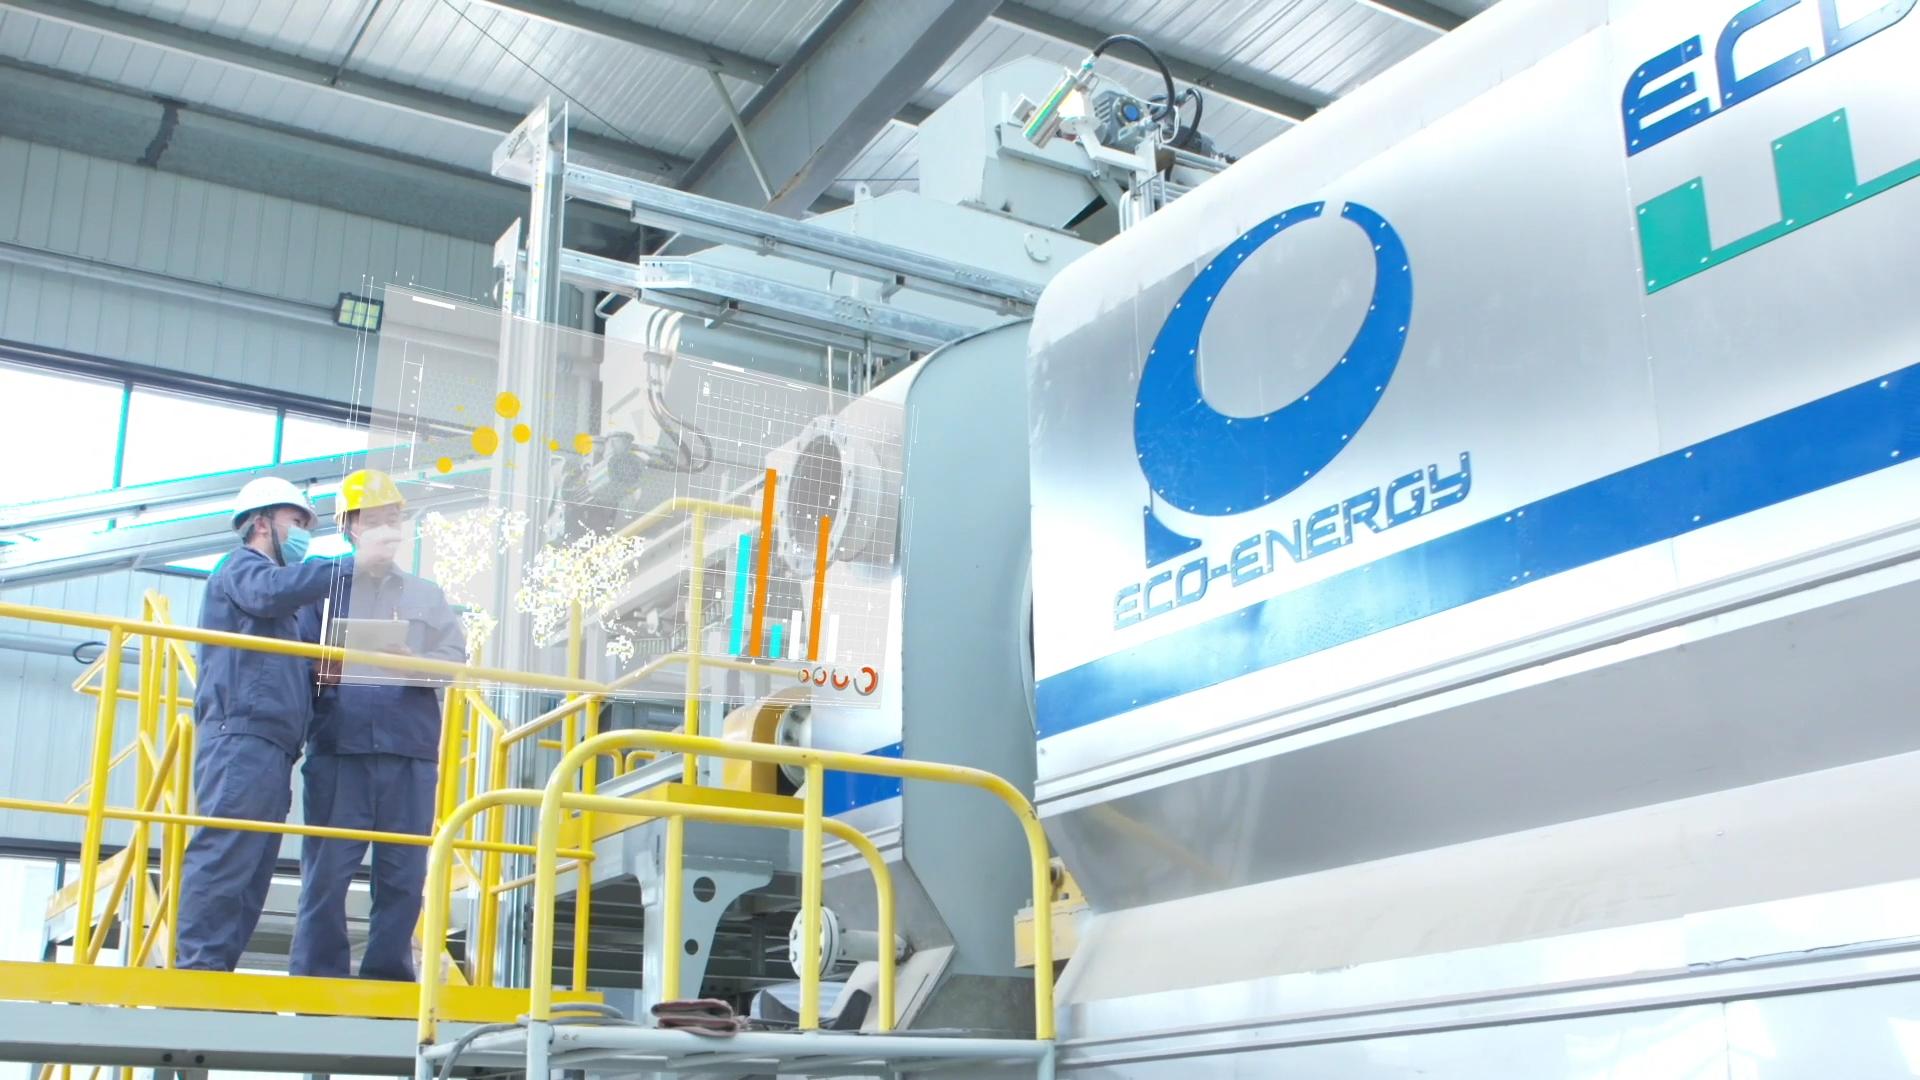 恒誉环保热裂解生产线。